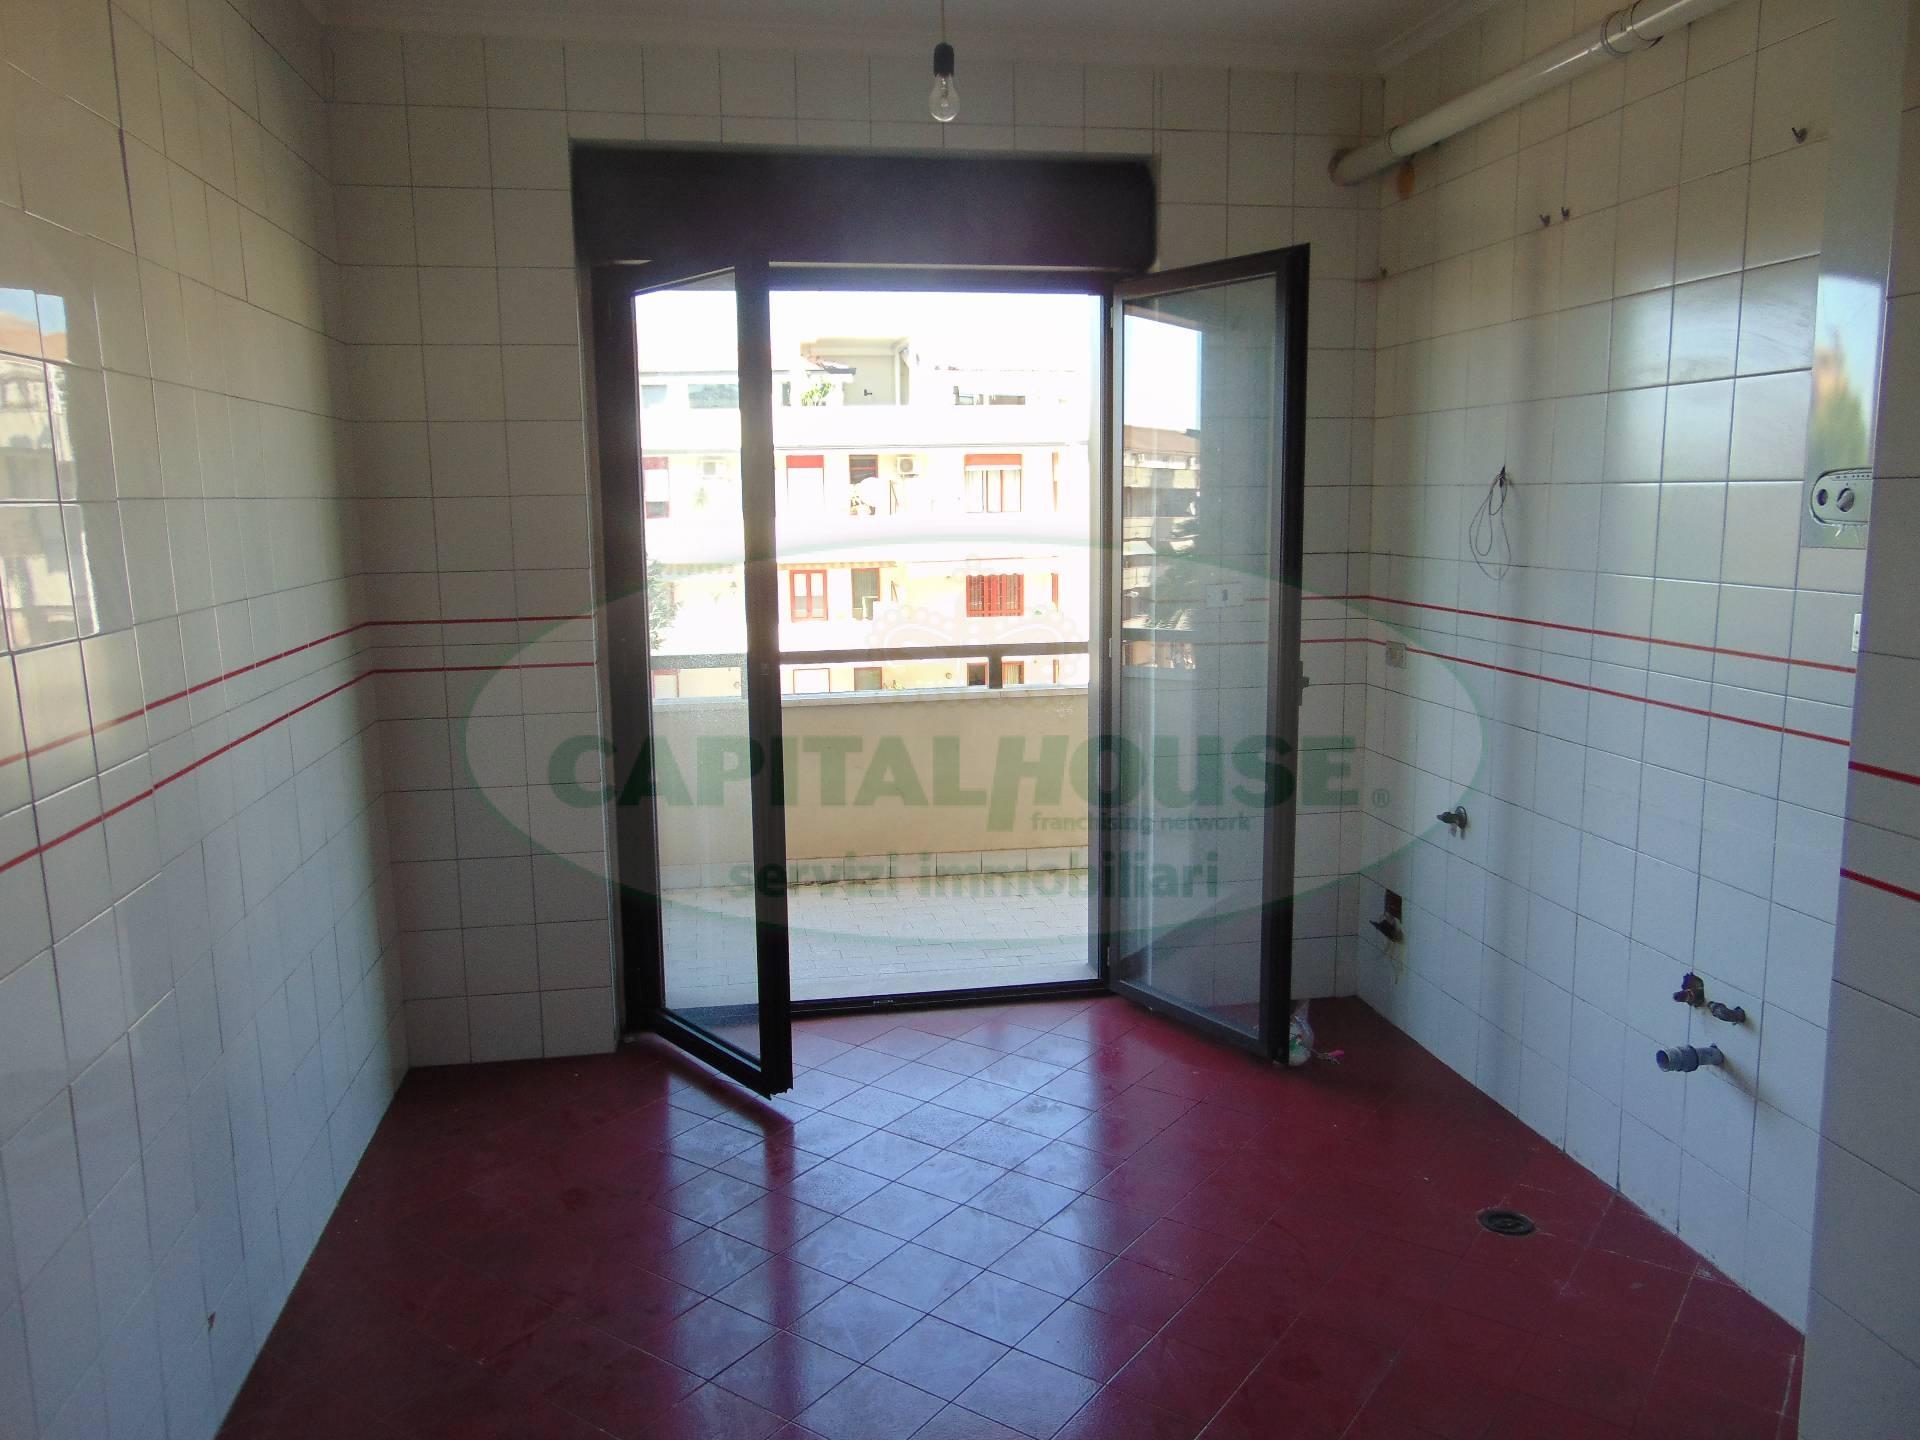 Appartamento in vendita a Santa Maria Capua Vetere, 3 locali, zona Località: Zonanuova, prezzo € 139.000 | CambioCasa.it